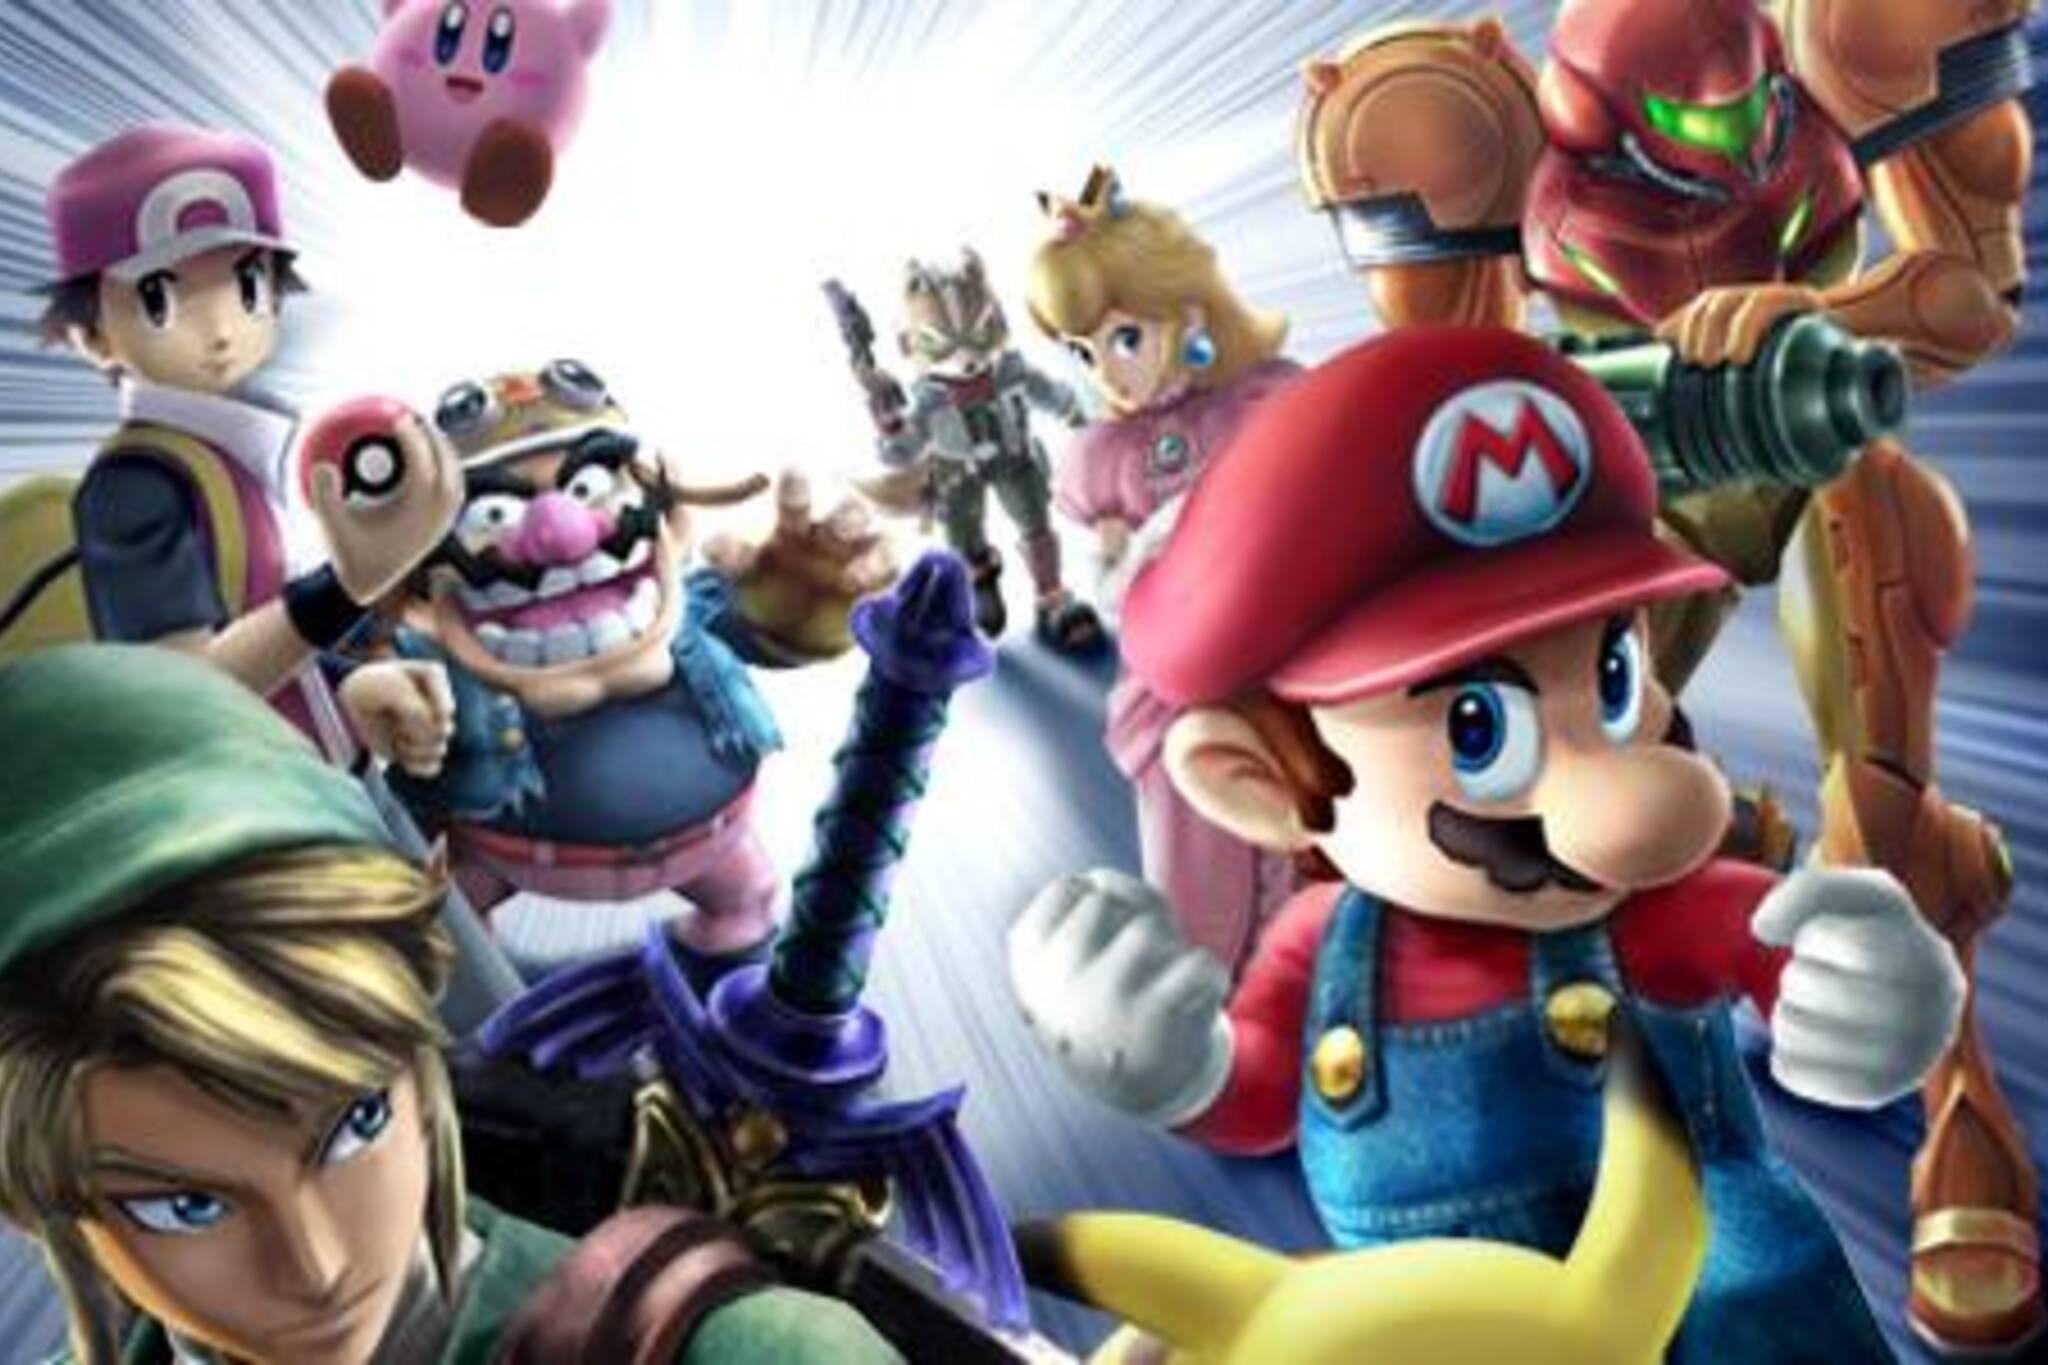 Super Smash Bros. Brawl - From Nintendo.com